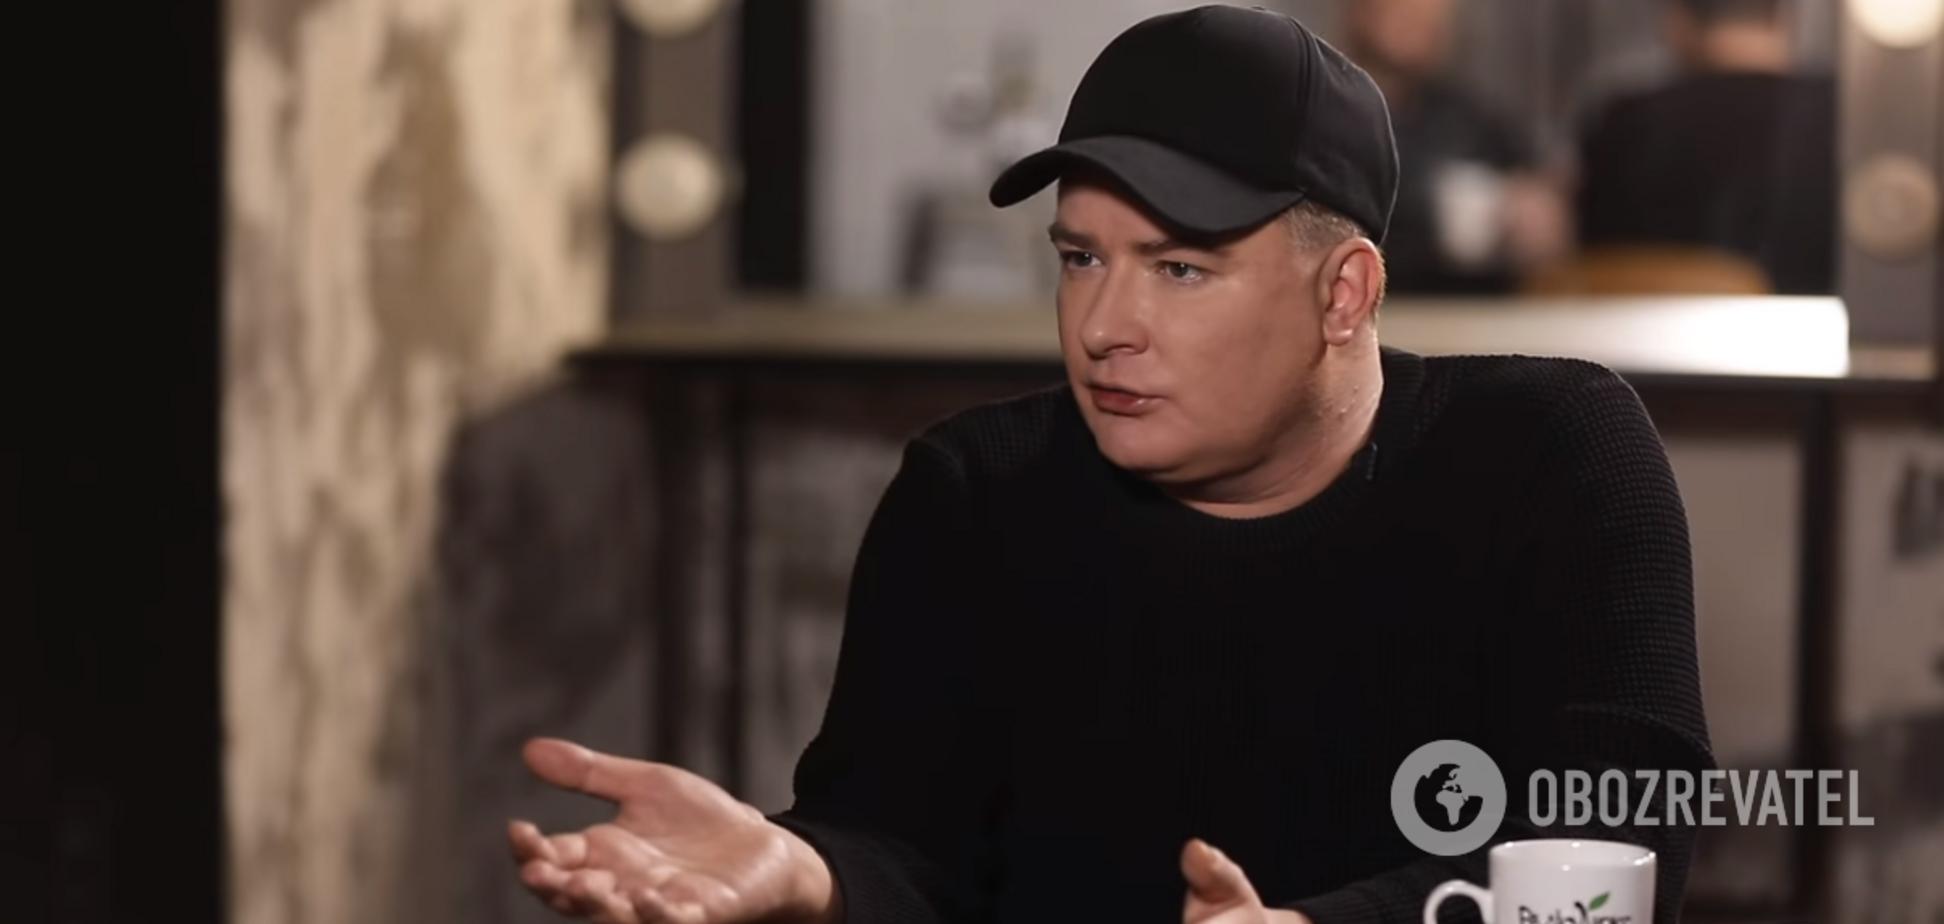 Данилко рассказал, как Украине отомстили на Евровидении из-за России